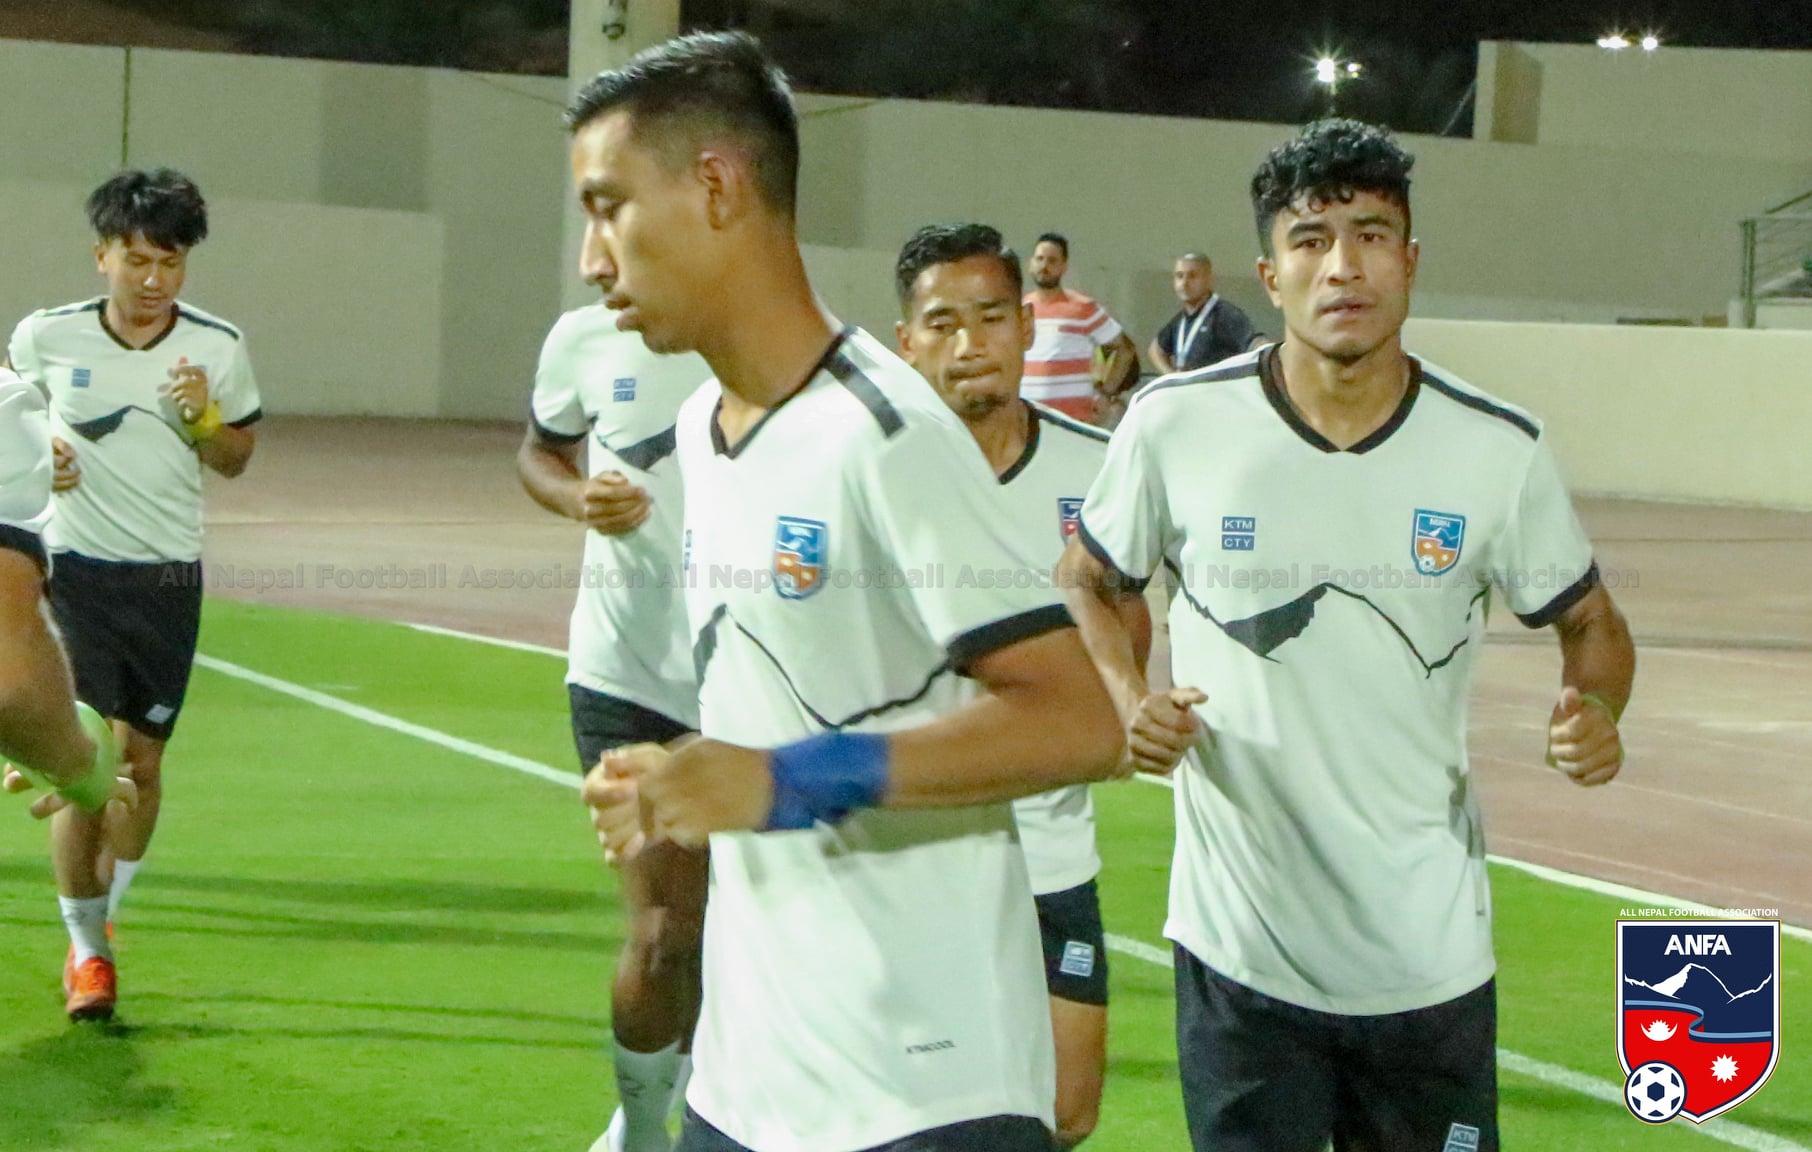 १० मिनेट भित्र नै नेपाल र इराककाे खेल १-१ काे बराबरीमा